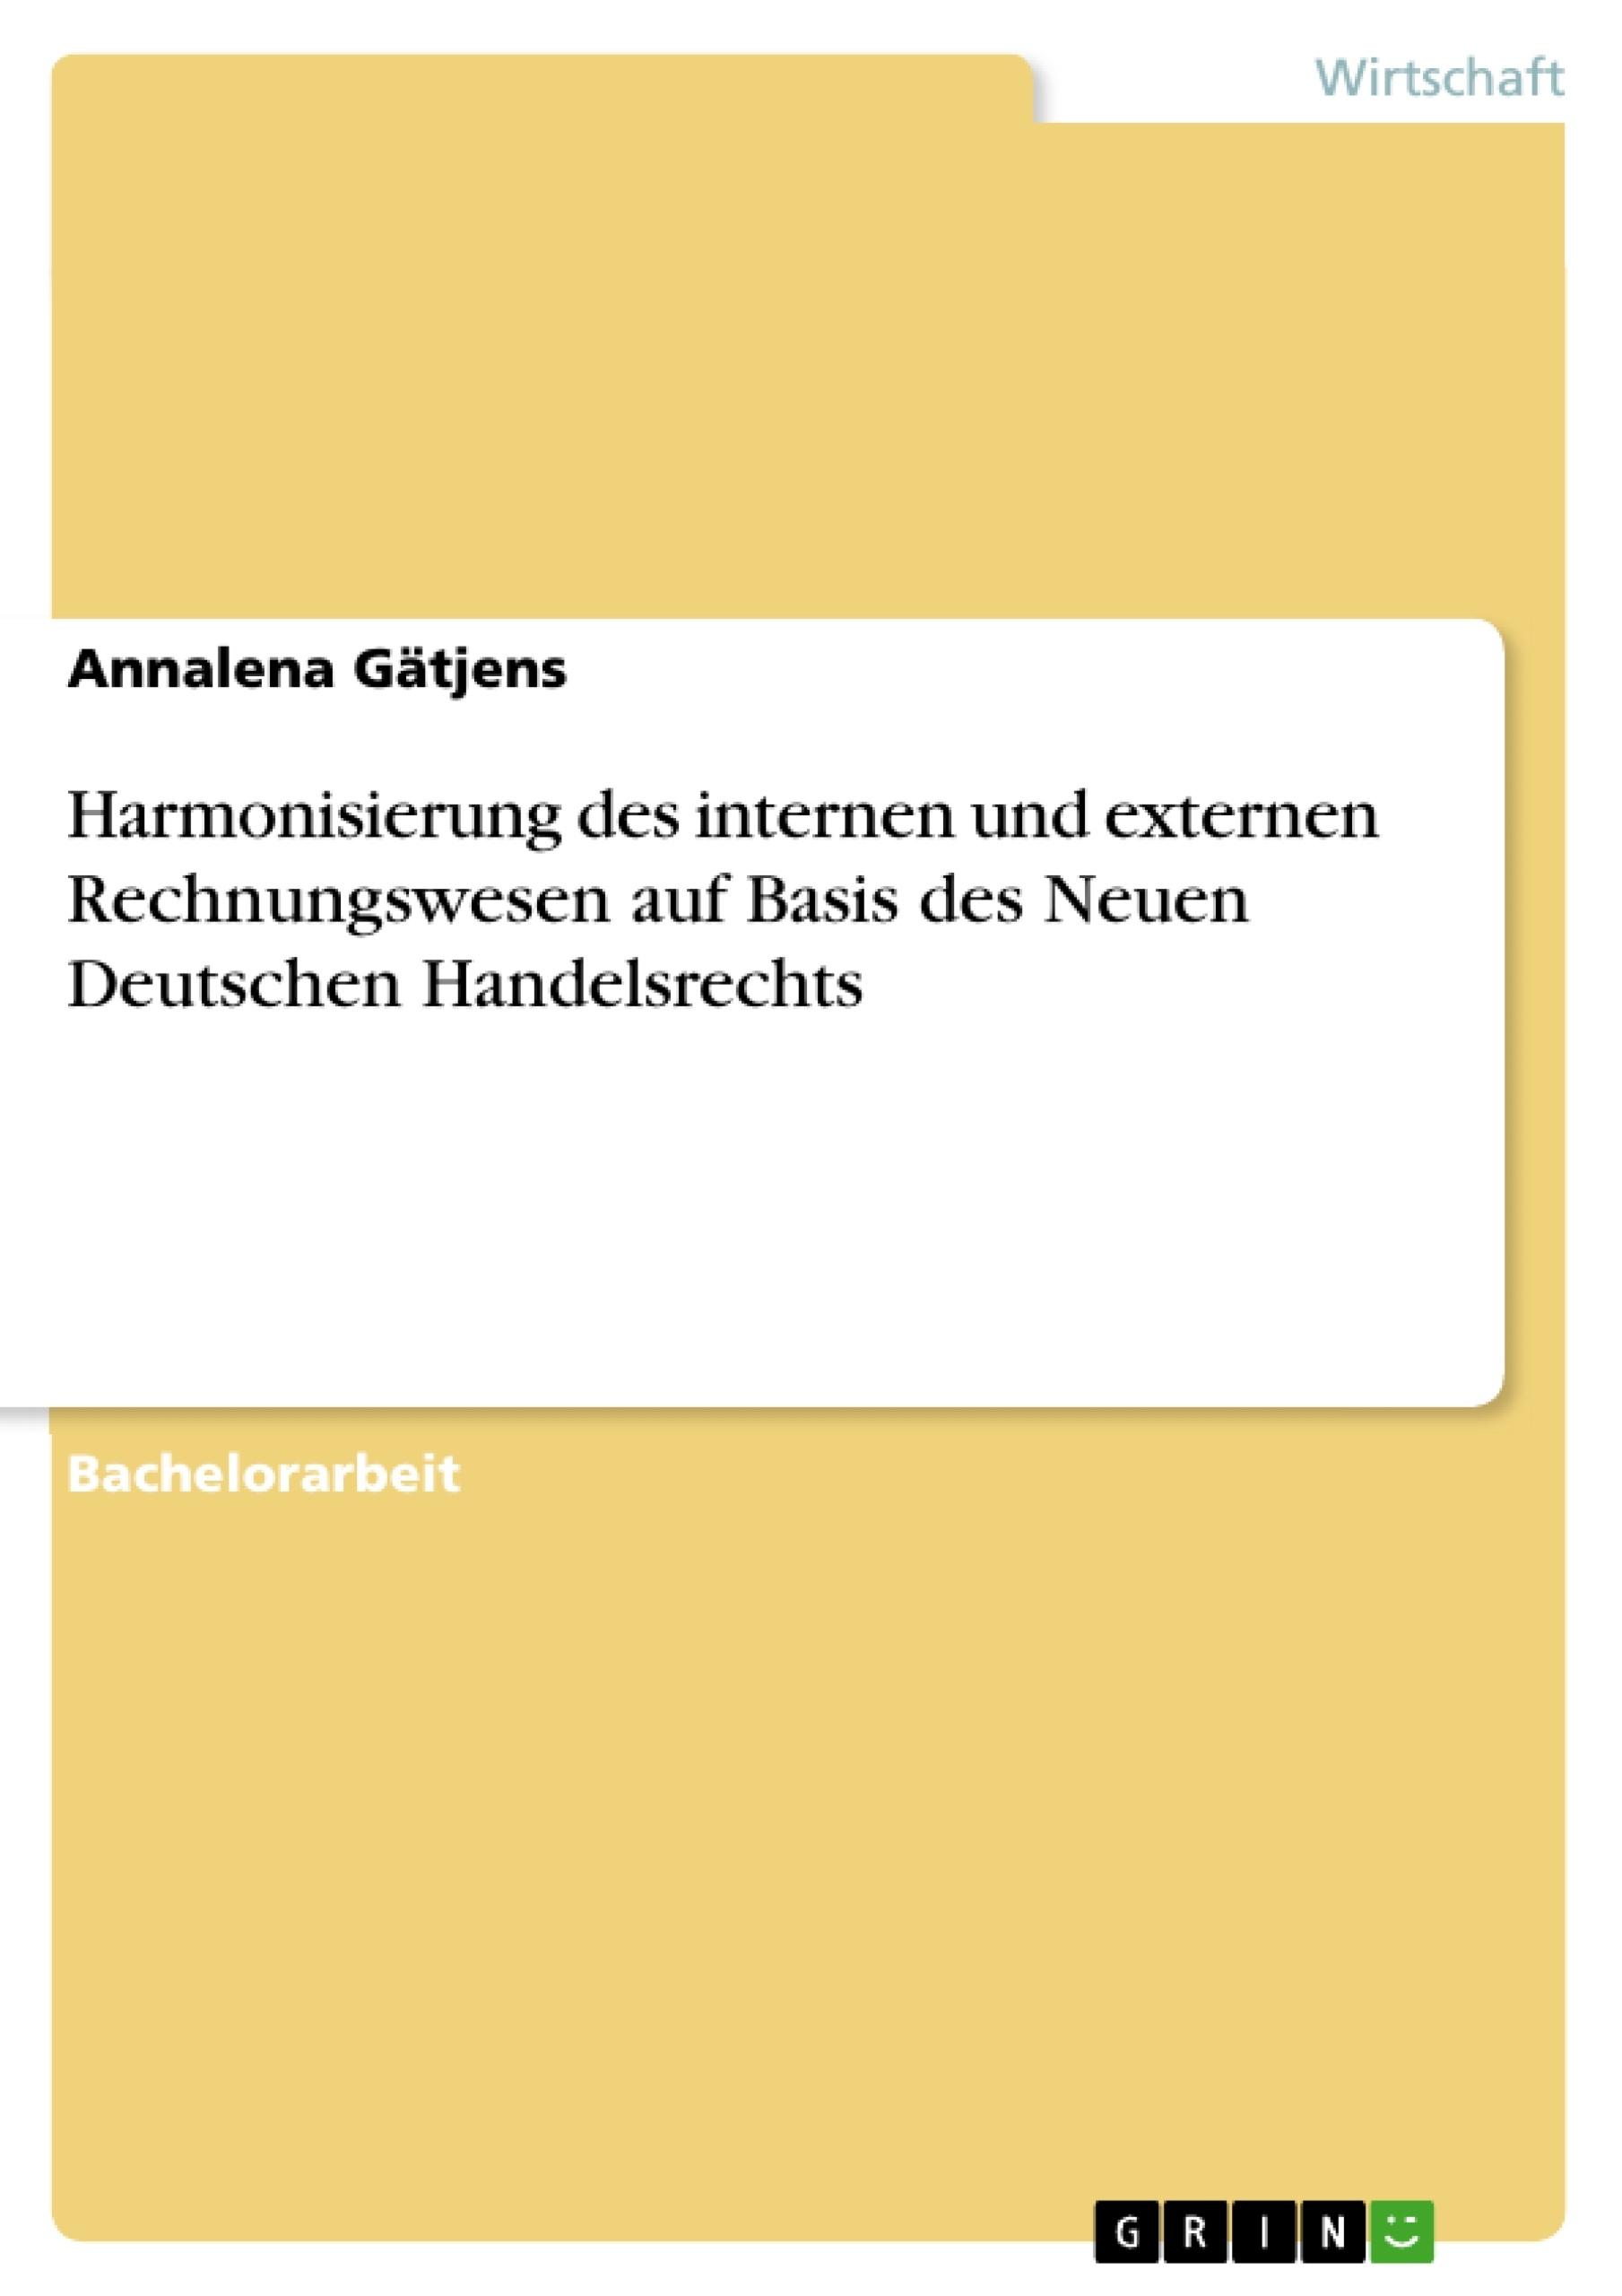 Titel: Harmonisierung des internen und externen Rechnungswesen auf Basis des Neuen Deutschen Handelsrechts